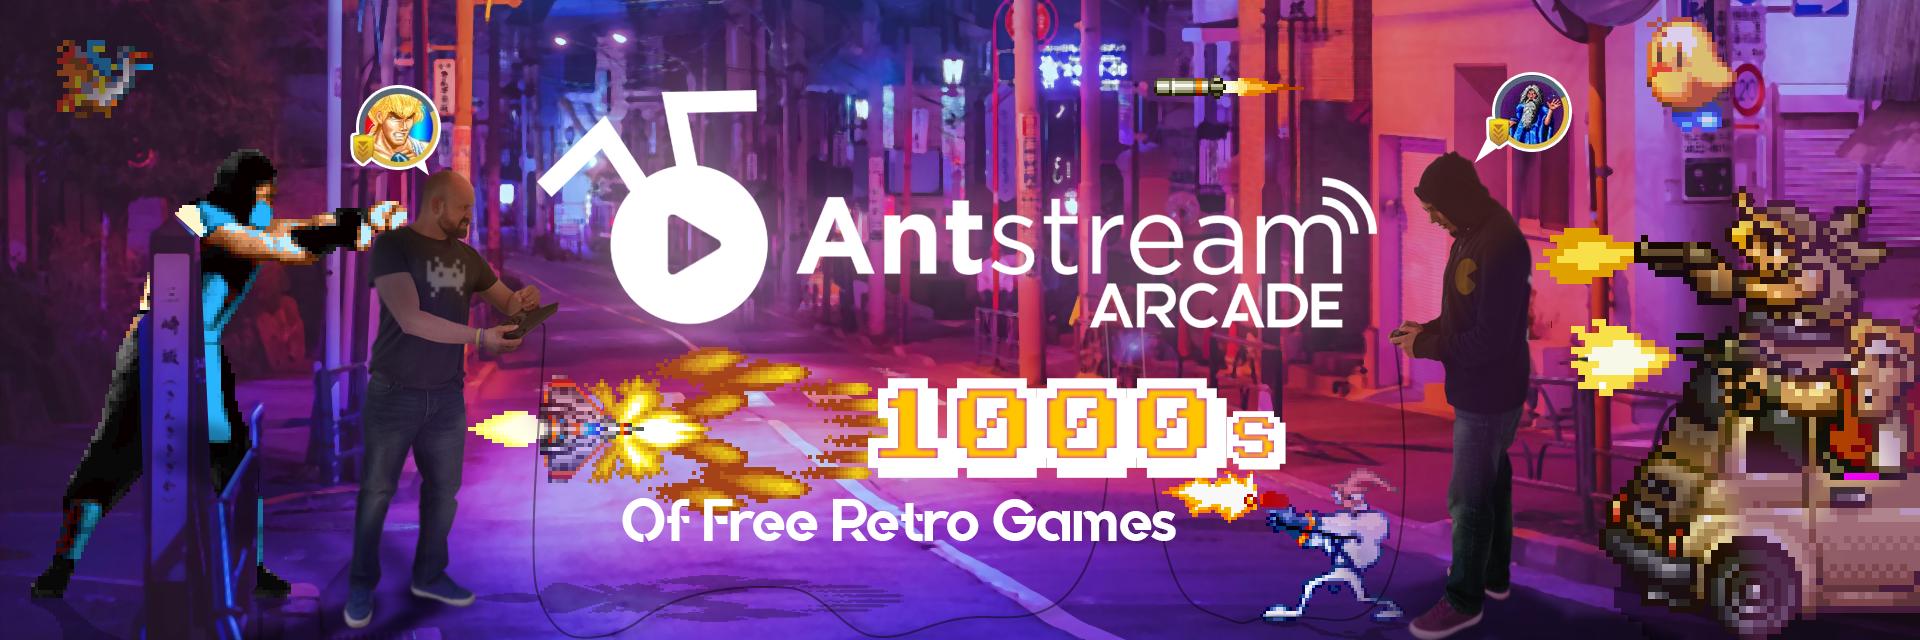 Antstream Arcade banner